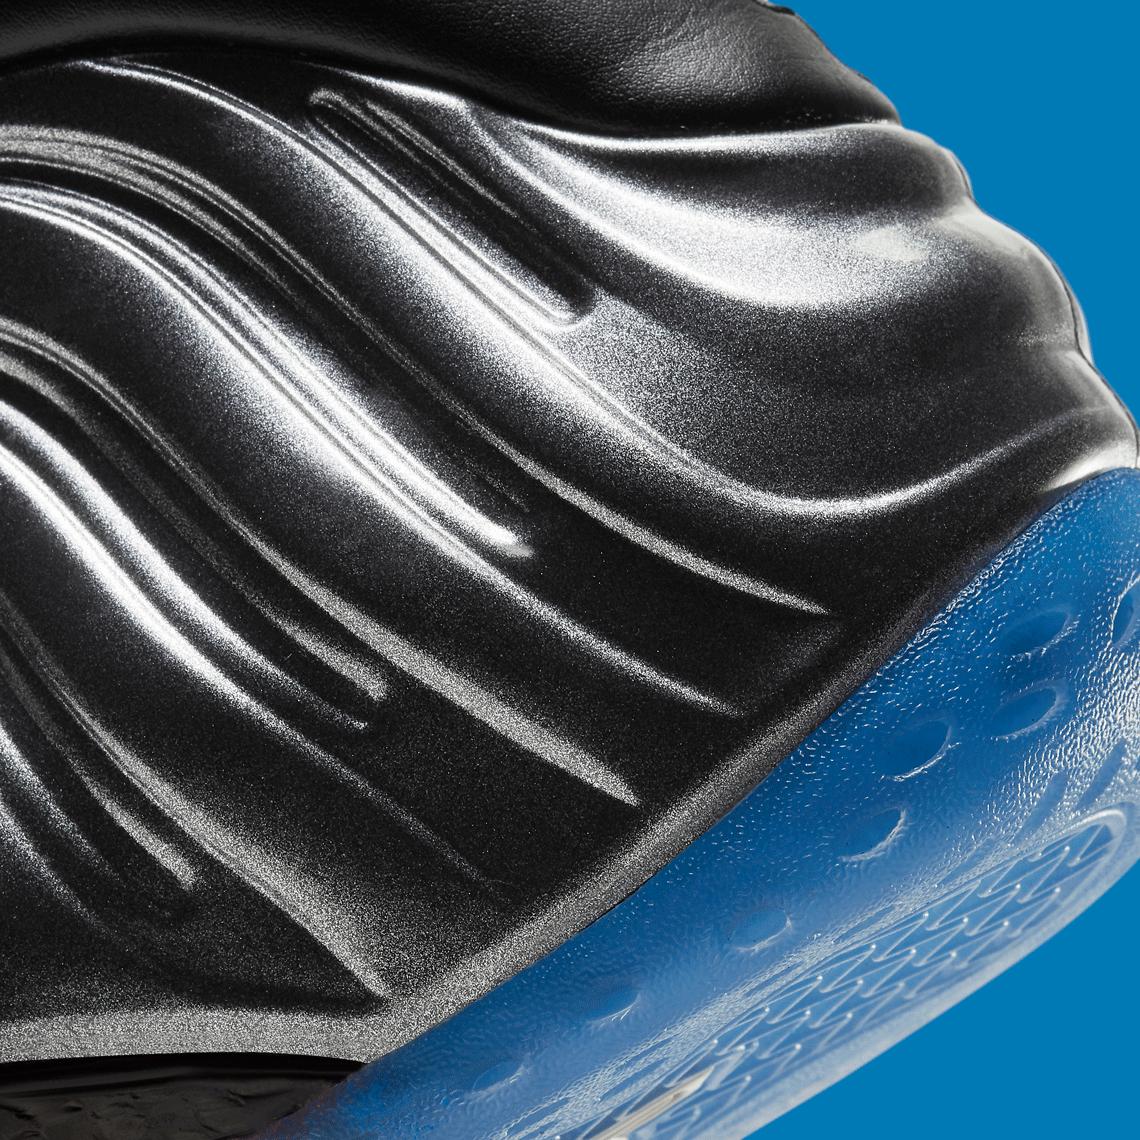 Nike Air Foamposite One Gradient Soles Gradient Soles sneakers exposedstreet fashion